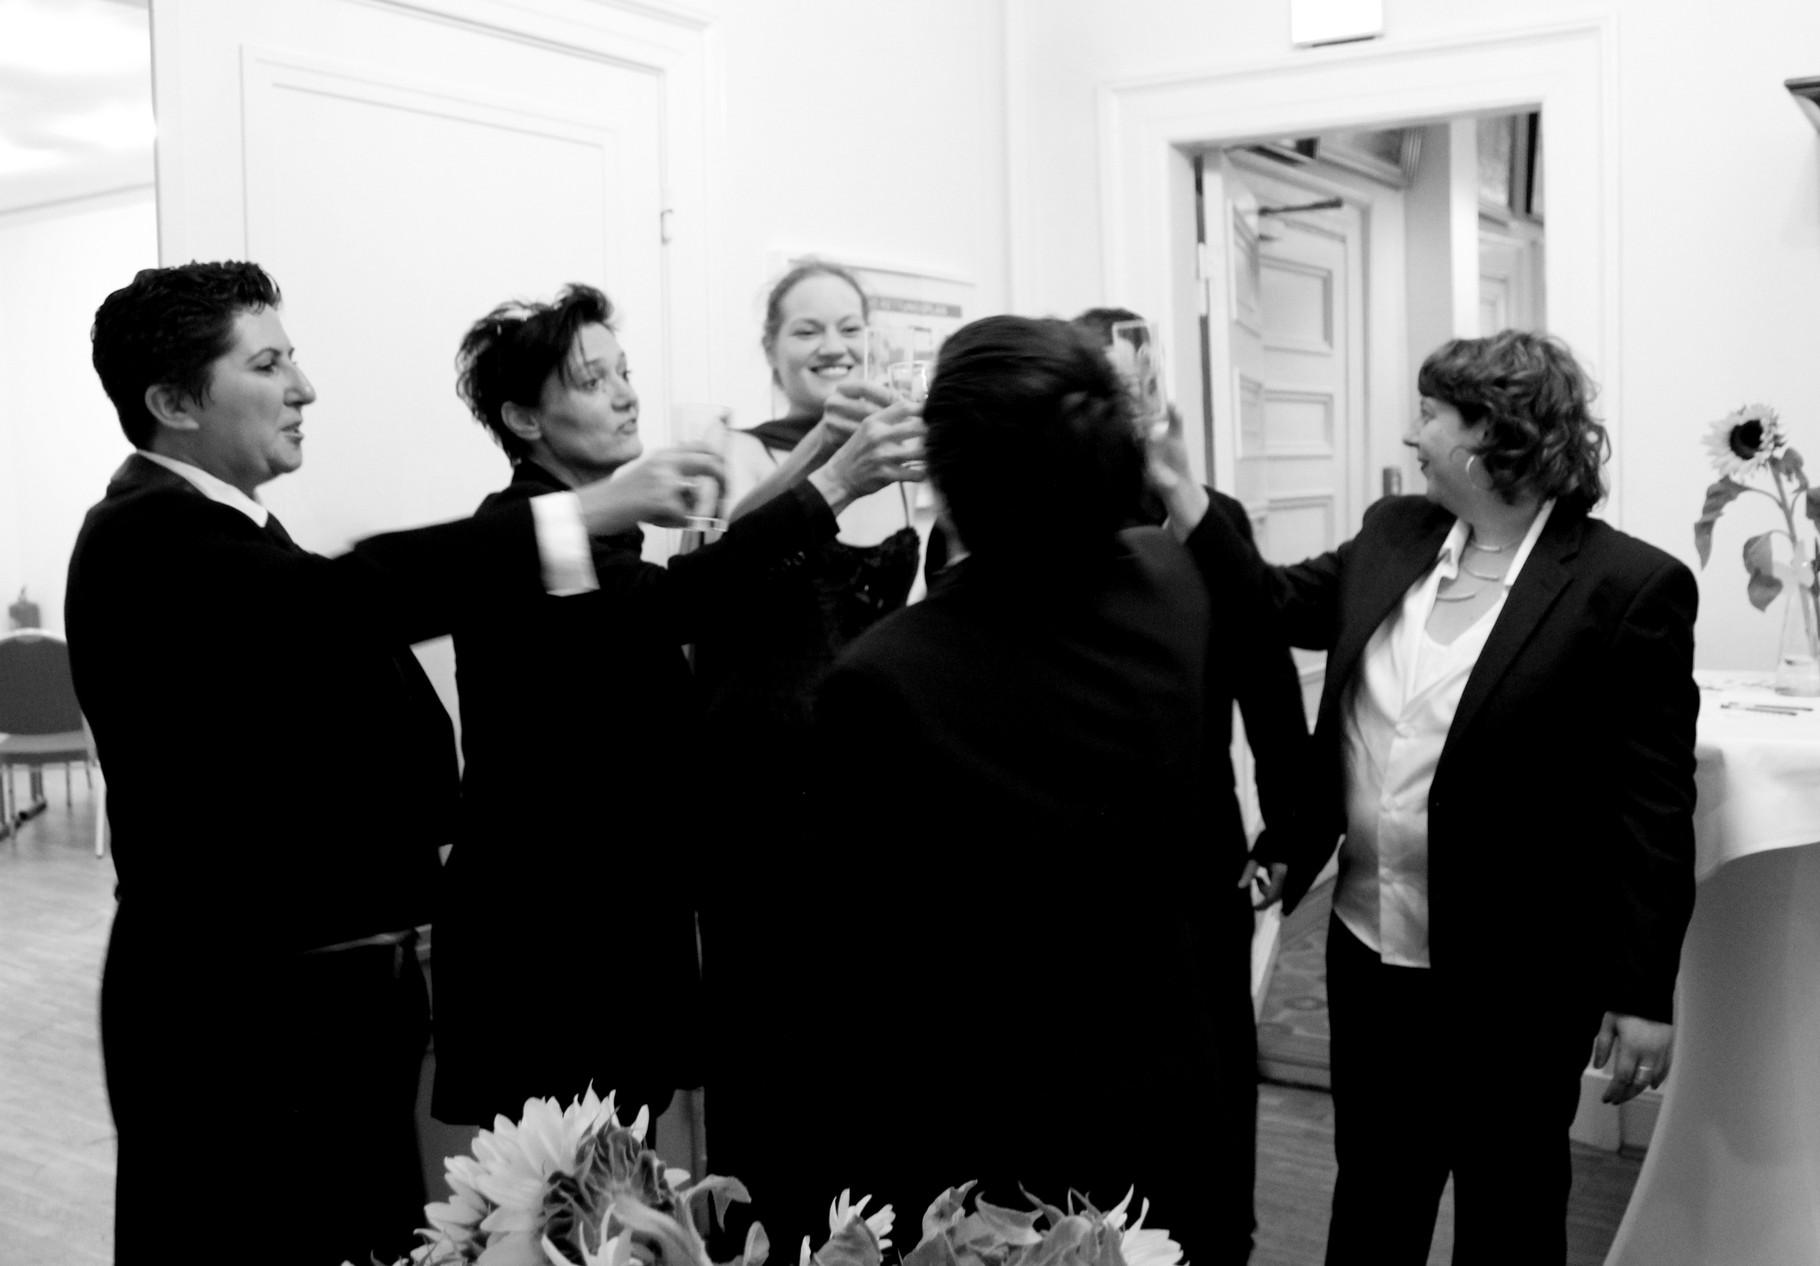 Anstoßen auf einen tollen gemeinsamen Ballabend (Pic by Iska K.)